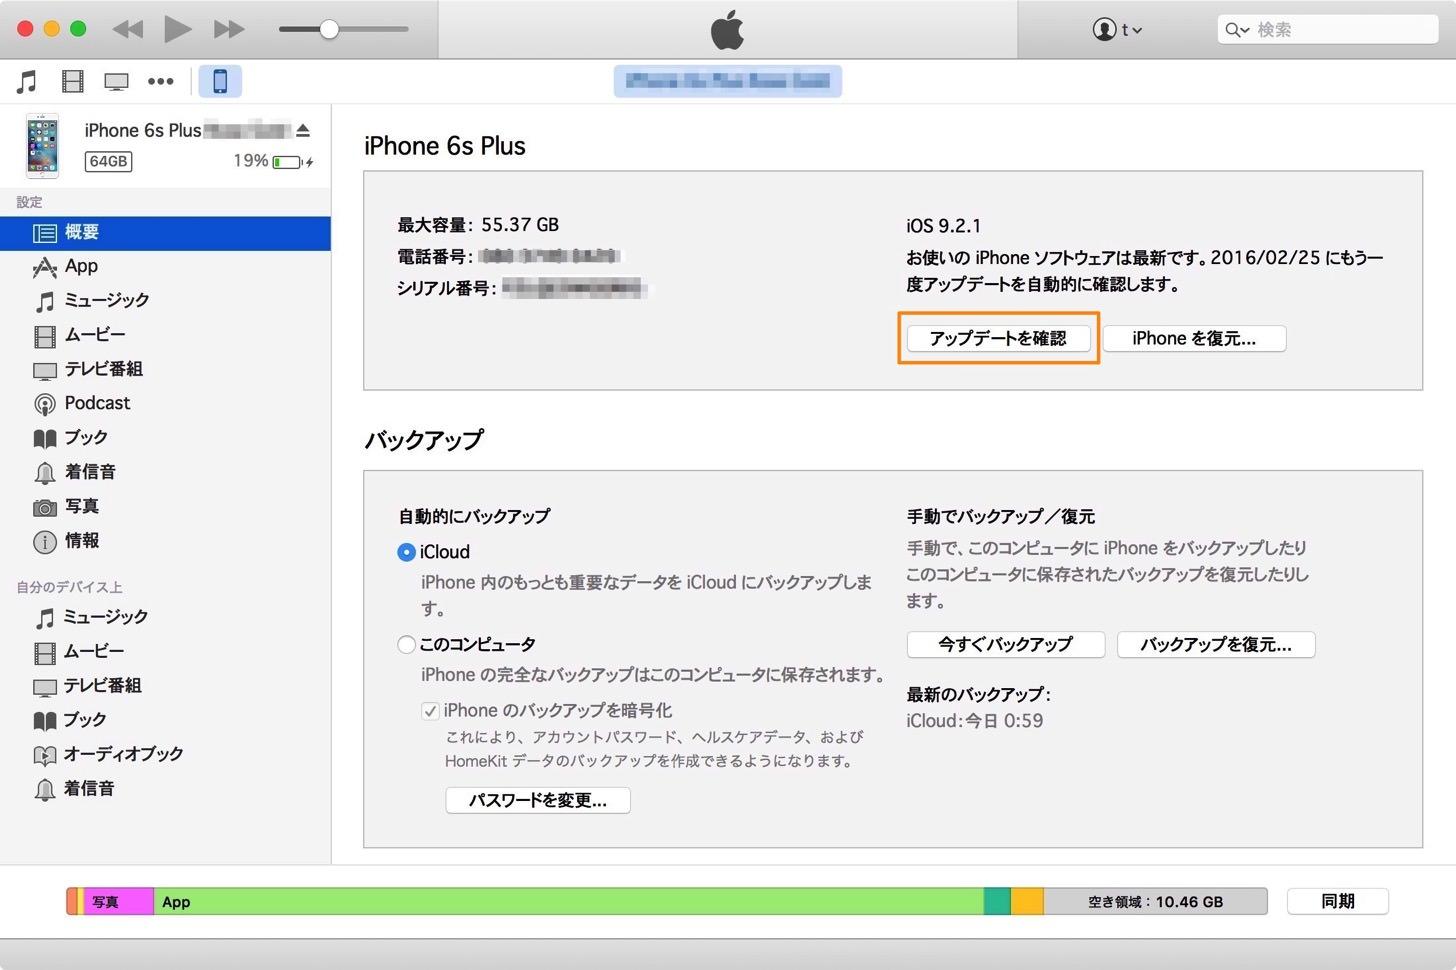 iPhoneのアップデート